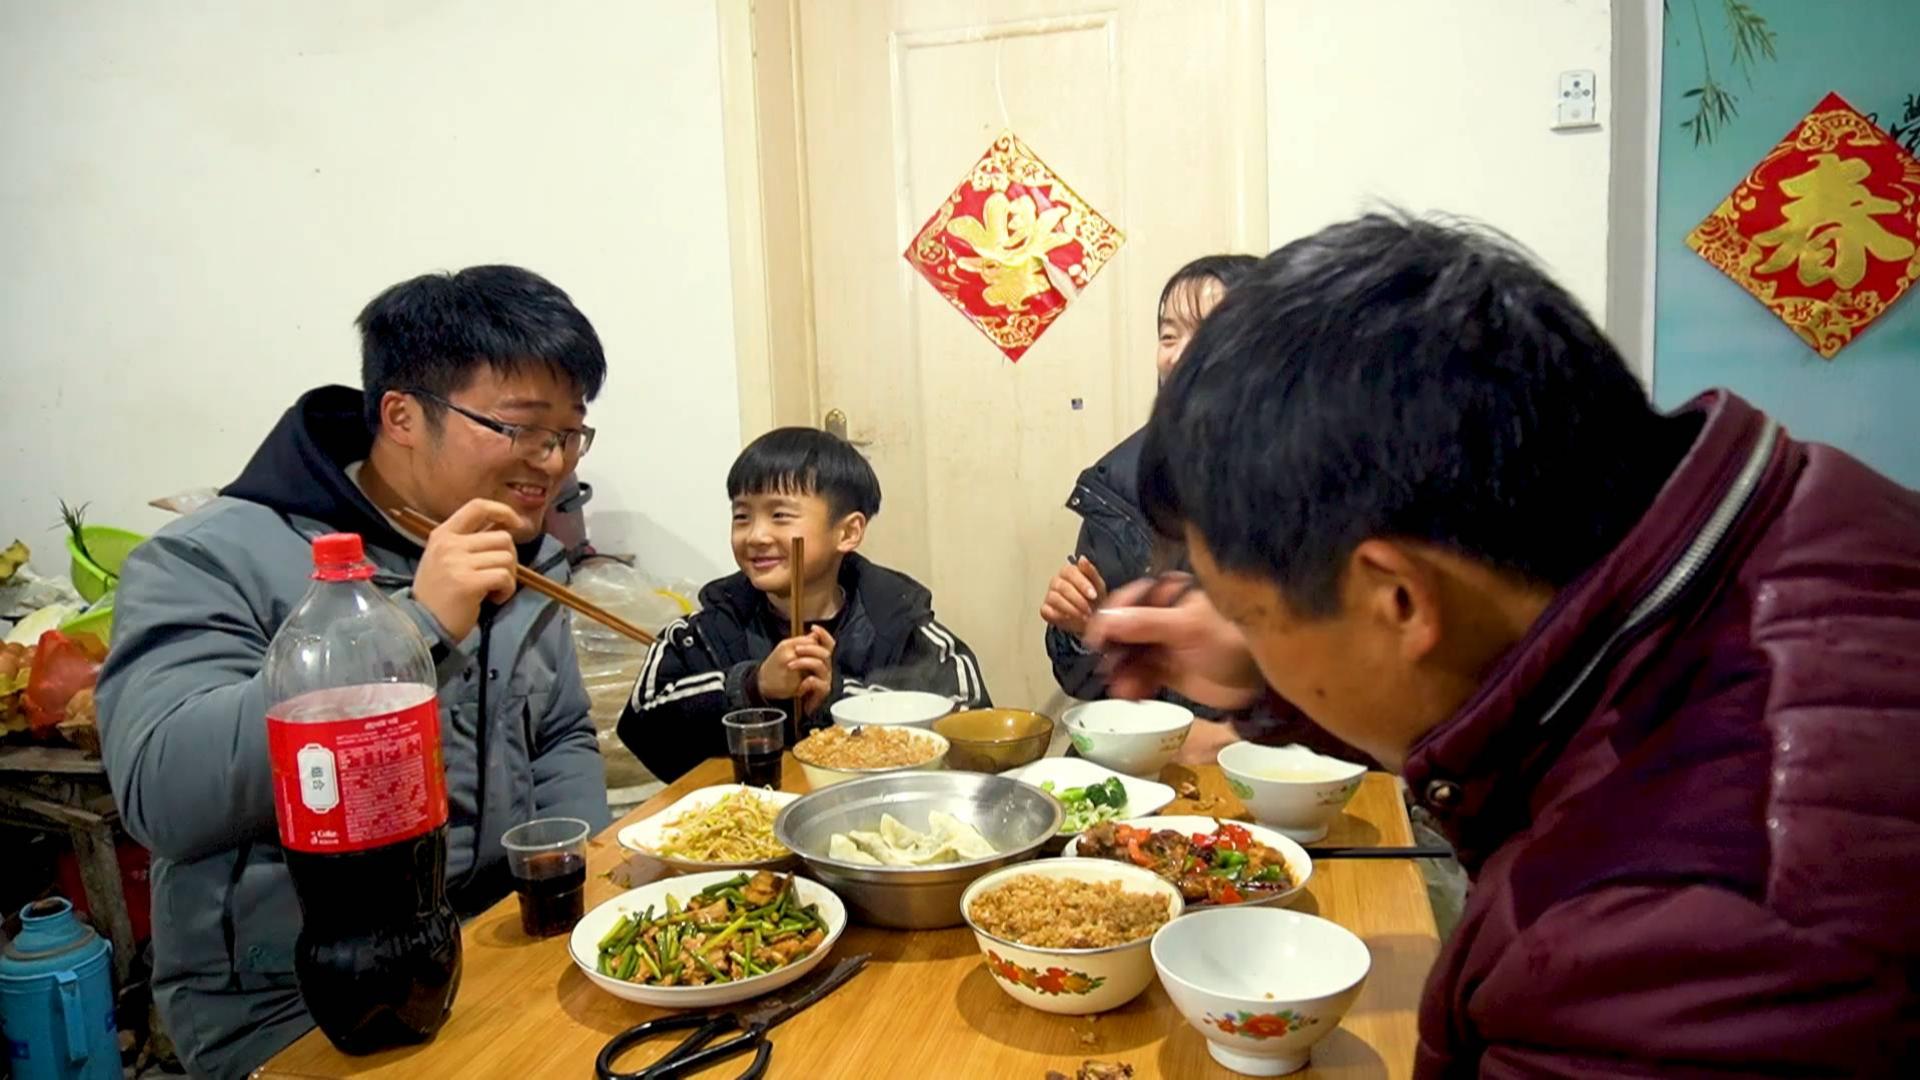 两碗蒸肉一锅饺子,比吃年夜饭还过瘾,大sao买几斤猪肉,太值了